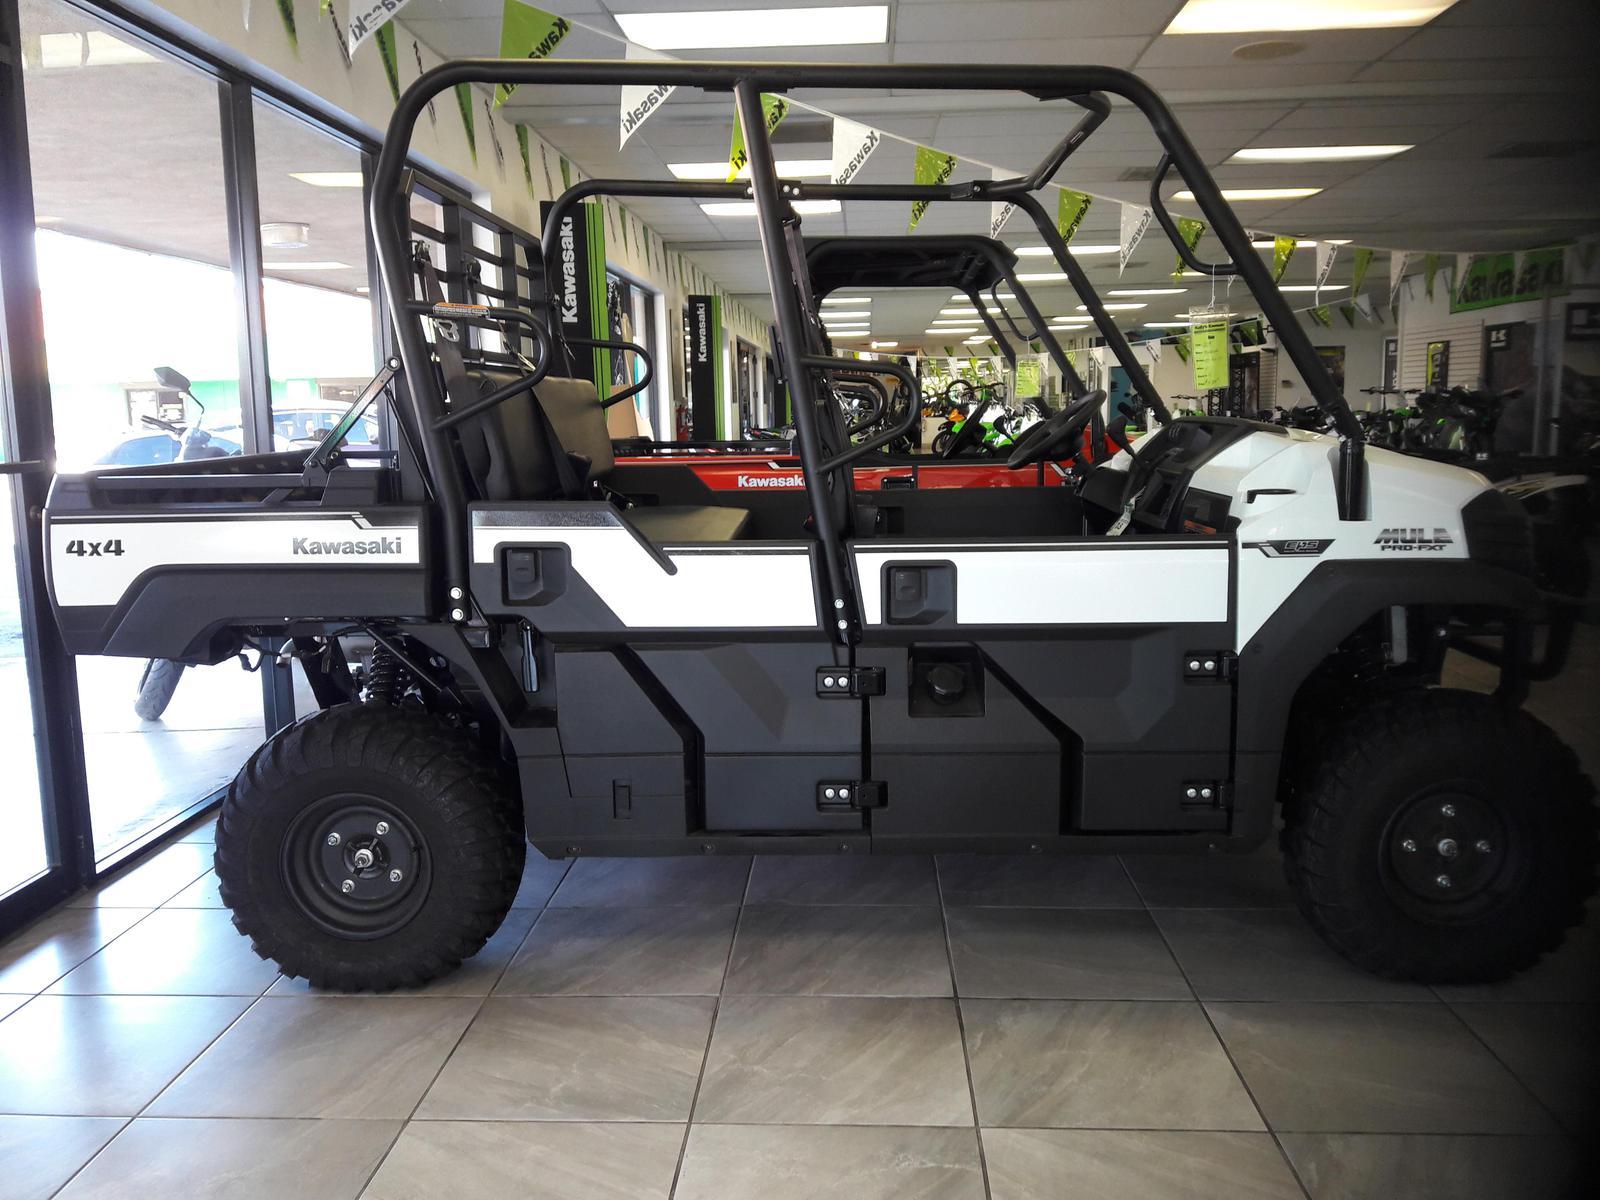 2559bd8c82 Inventory from Kawasaki Kelly's Kawasaki Mesa, AZ (480) 969-9610